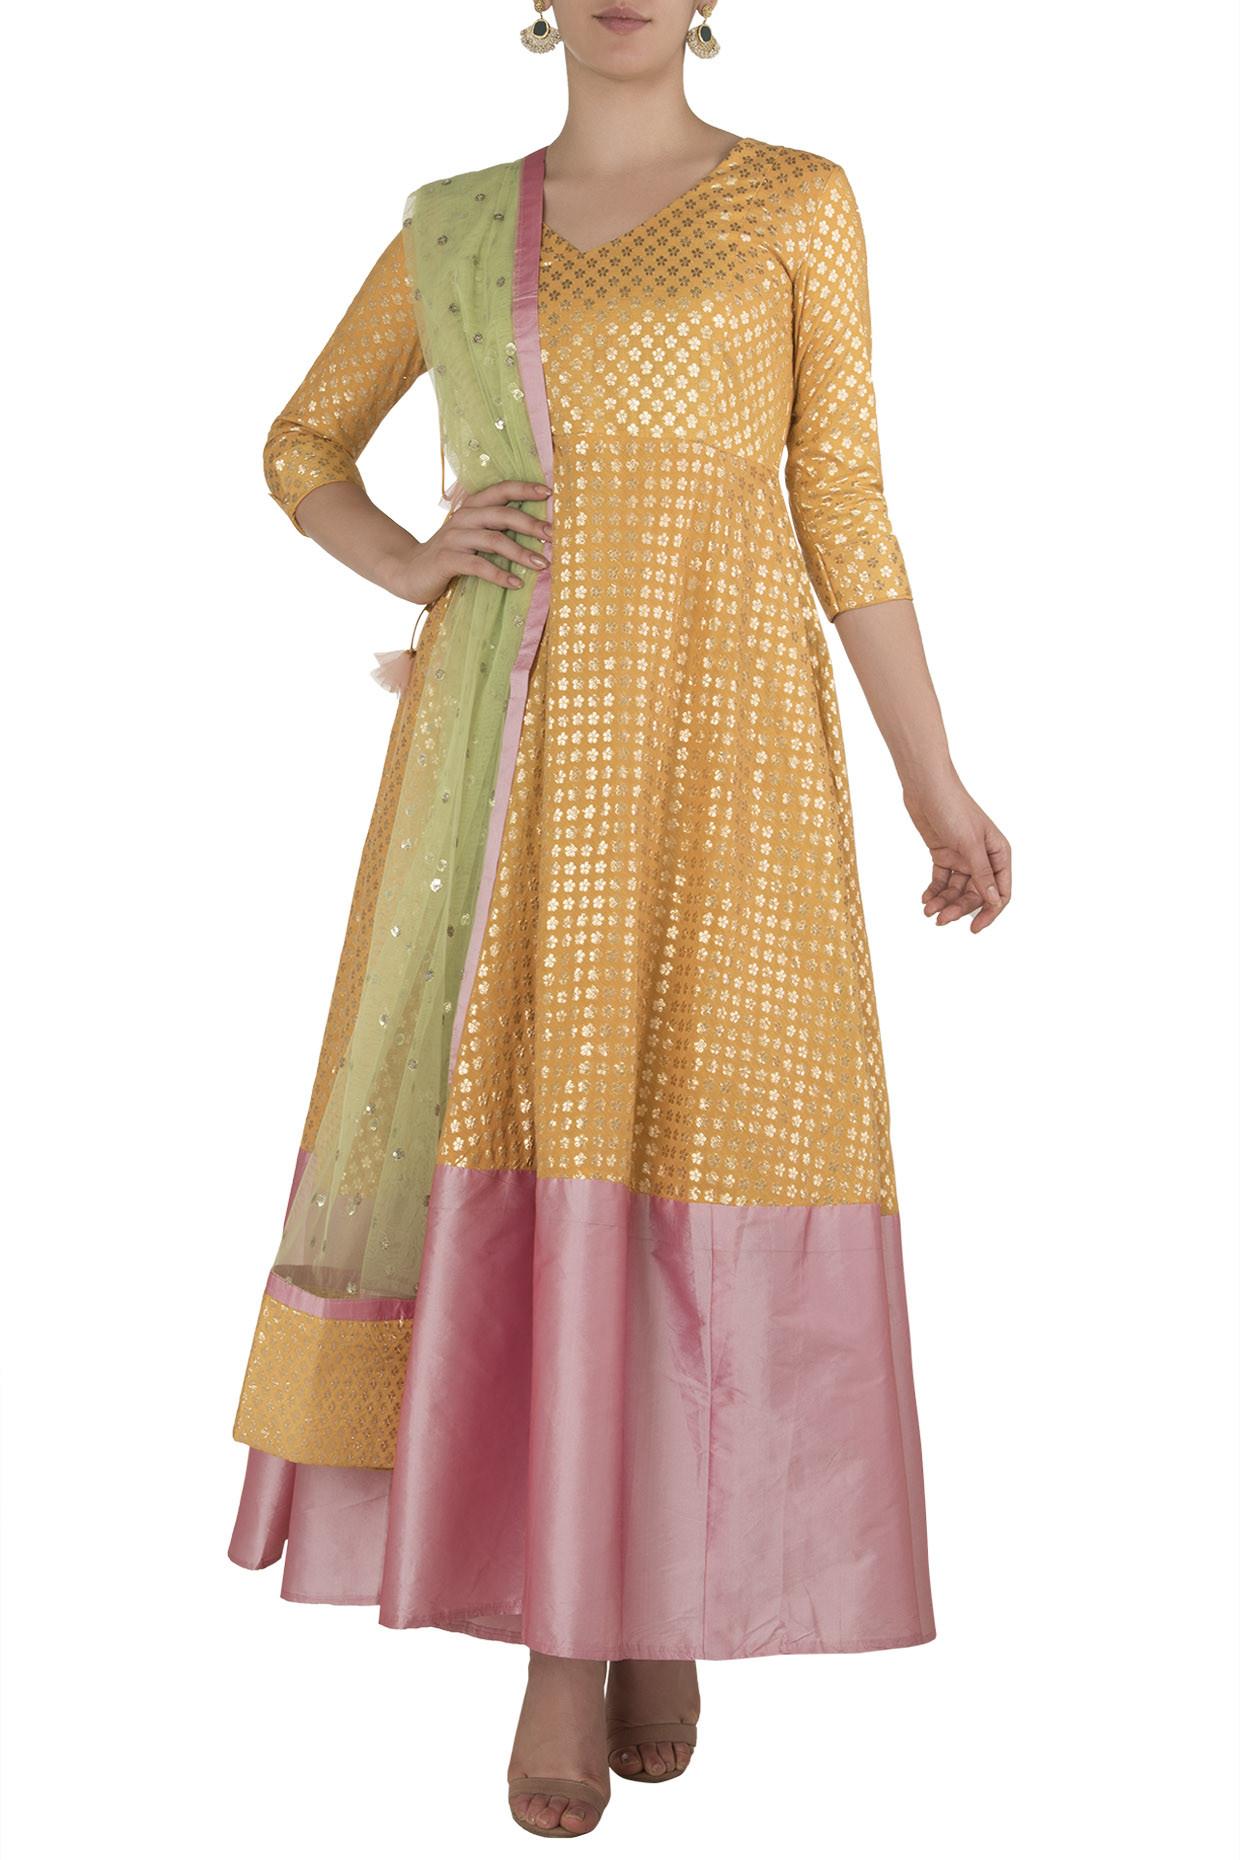 Yellow and Pink Anarkali by Rishi & Vibhuti